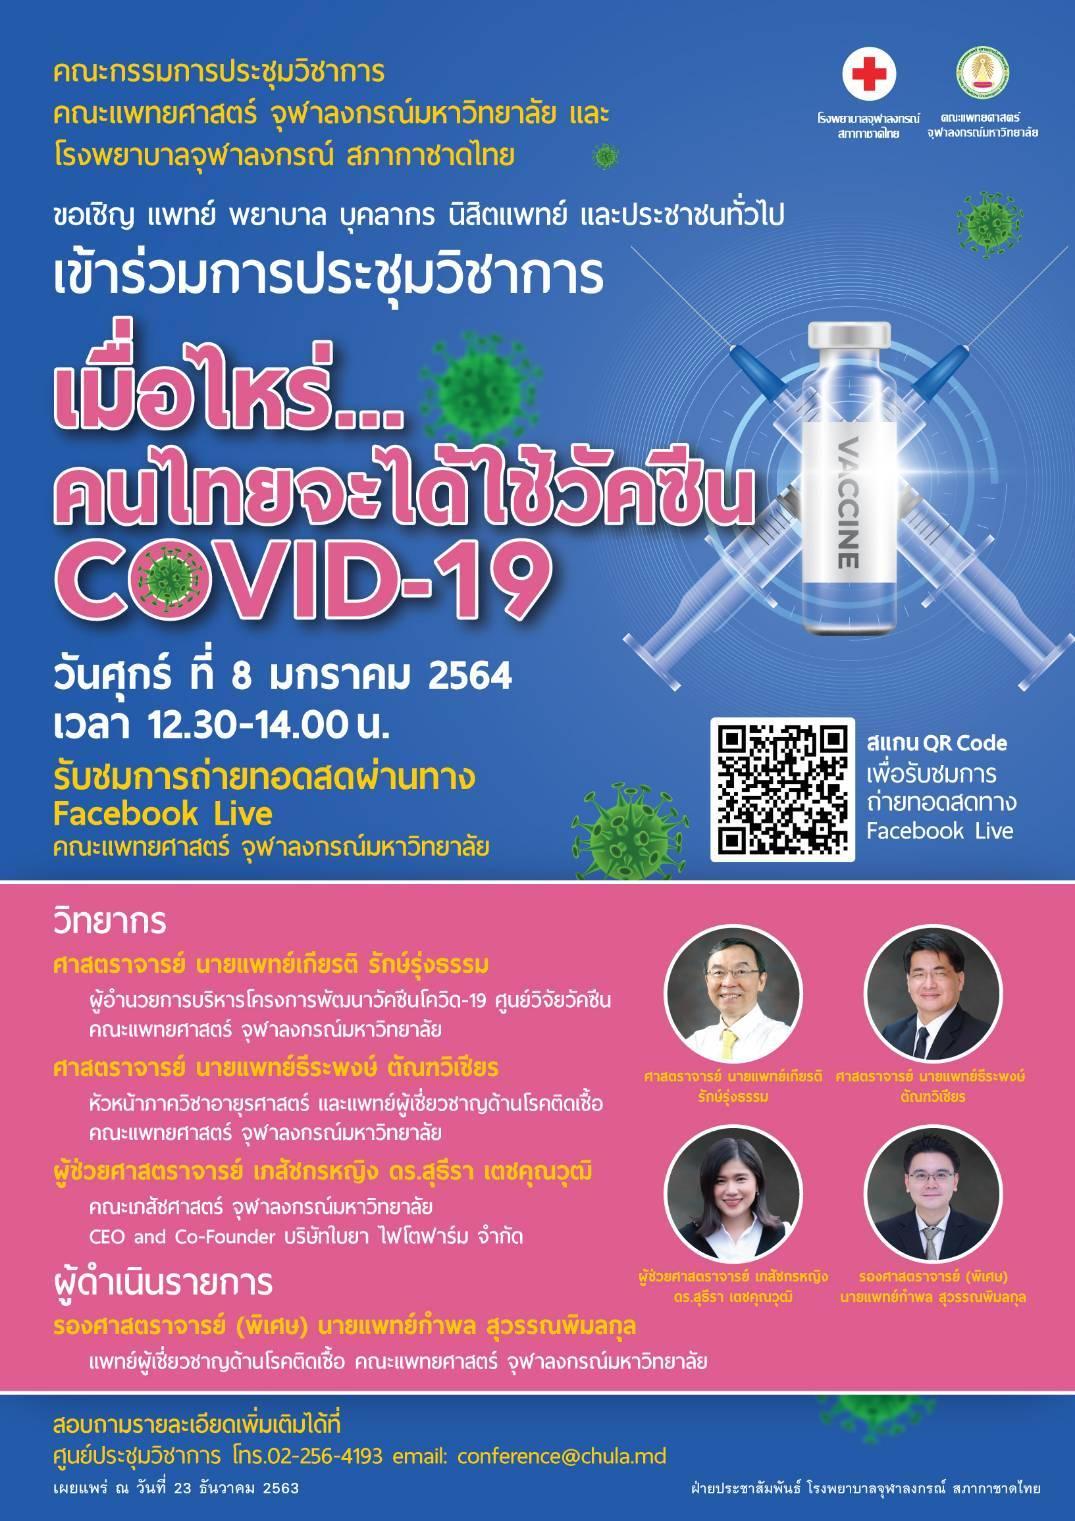 การประชุมวิชาการ เมื่อใหร่.. คนไทยจะได้ใช้วัคซีน COVID-19